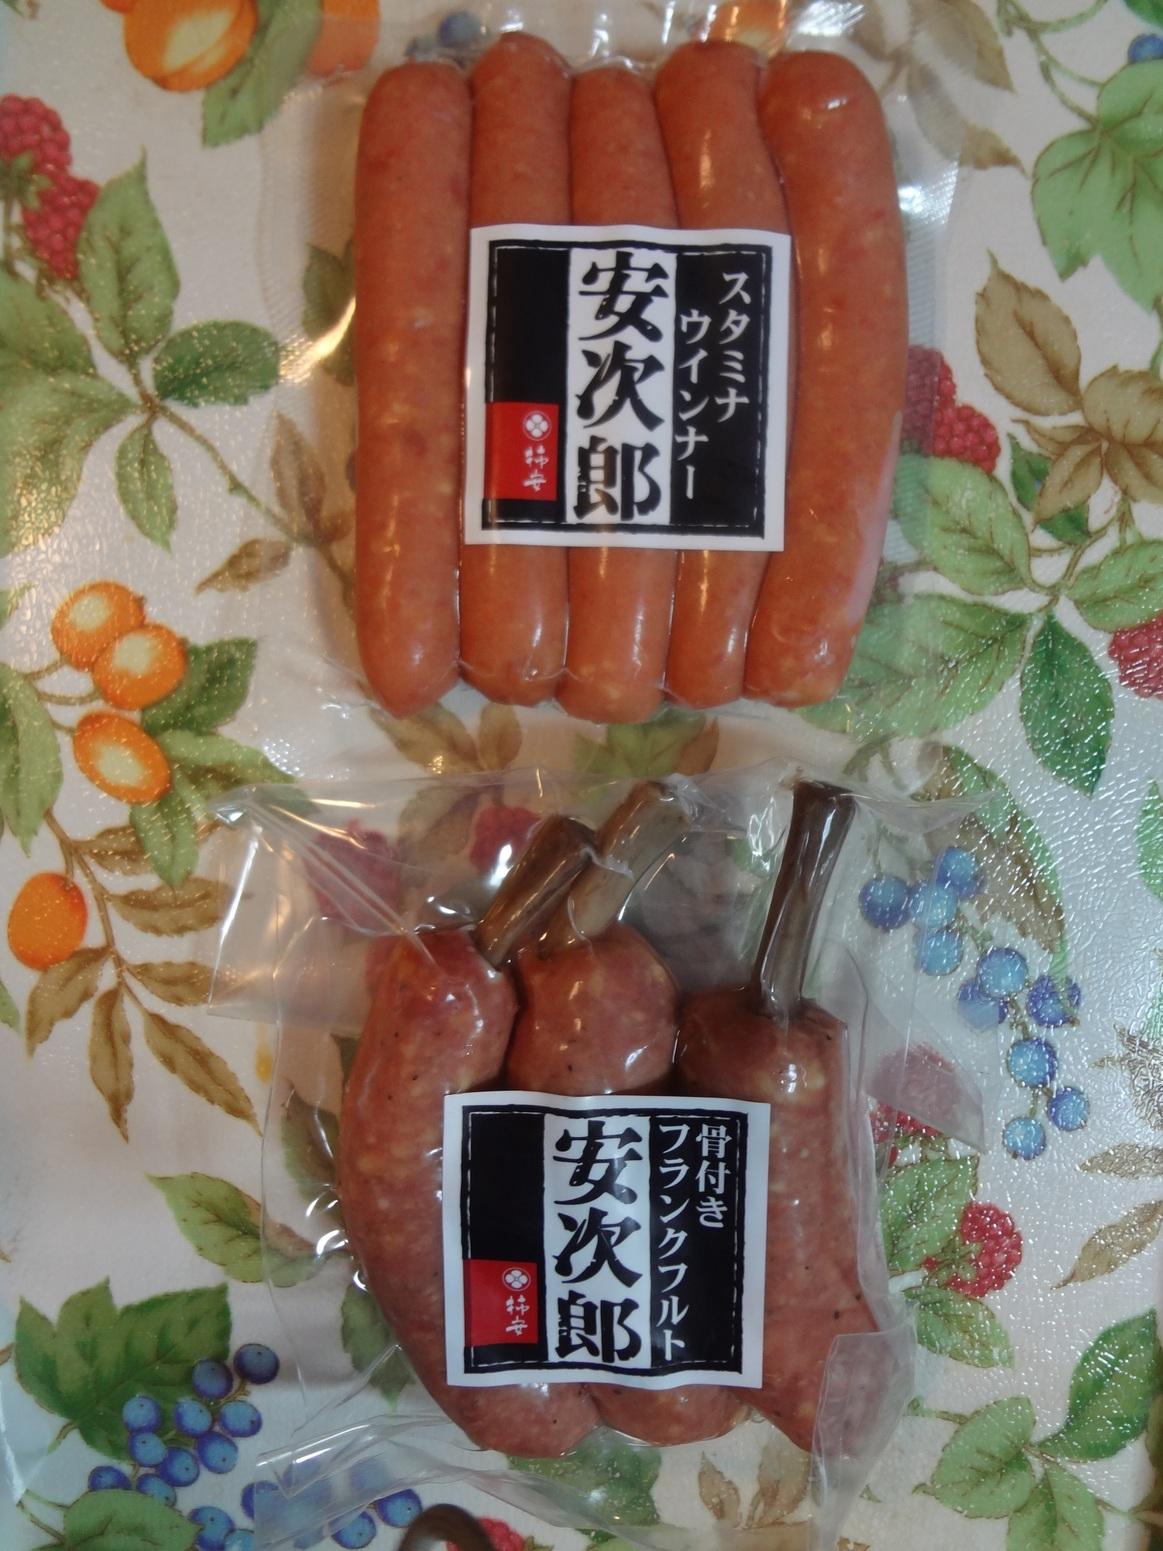 柿安 精肉 丸井国分寺精肉店